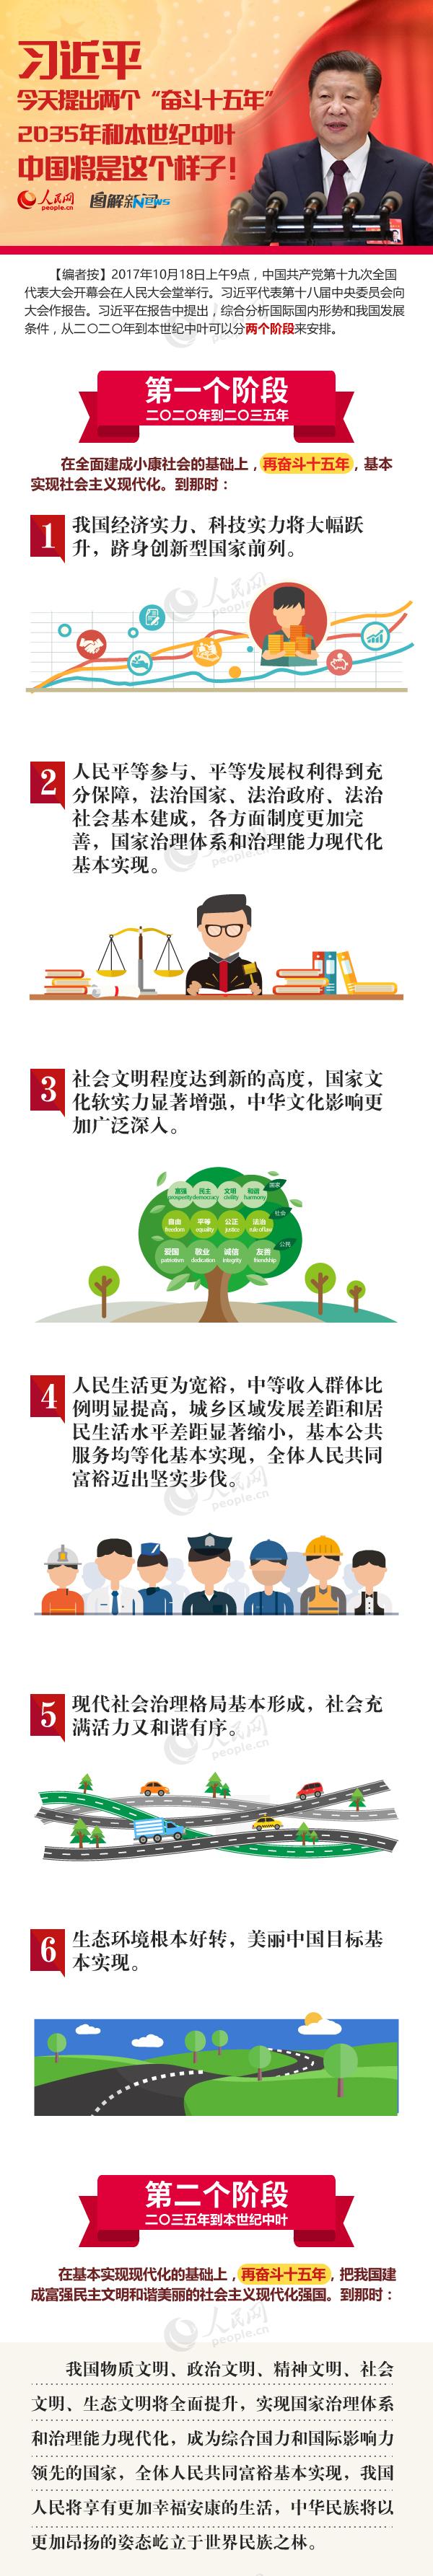 """图解:习近平今天提出两个""""奋斗十五年""""  2035年和本世纪中叶中国将是这个样子!"""